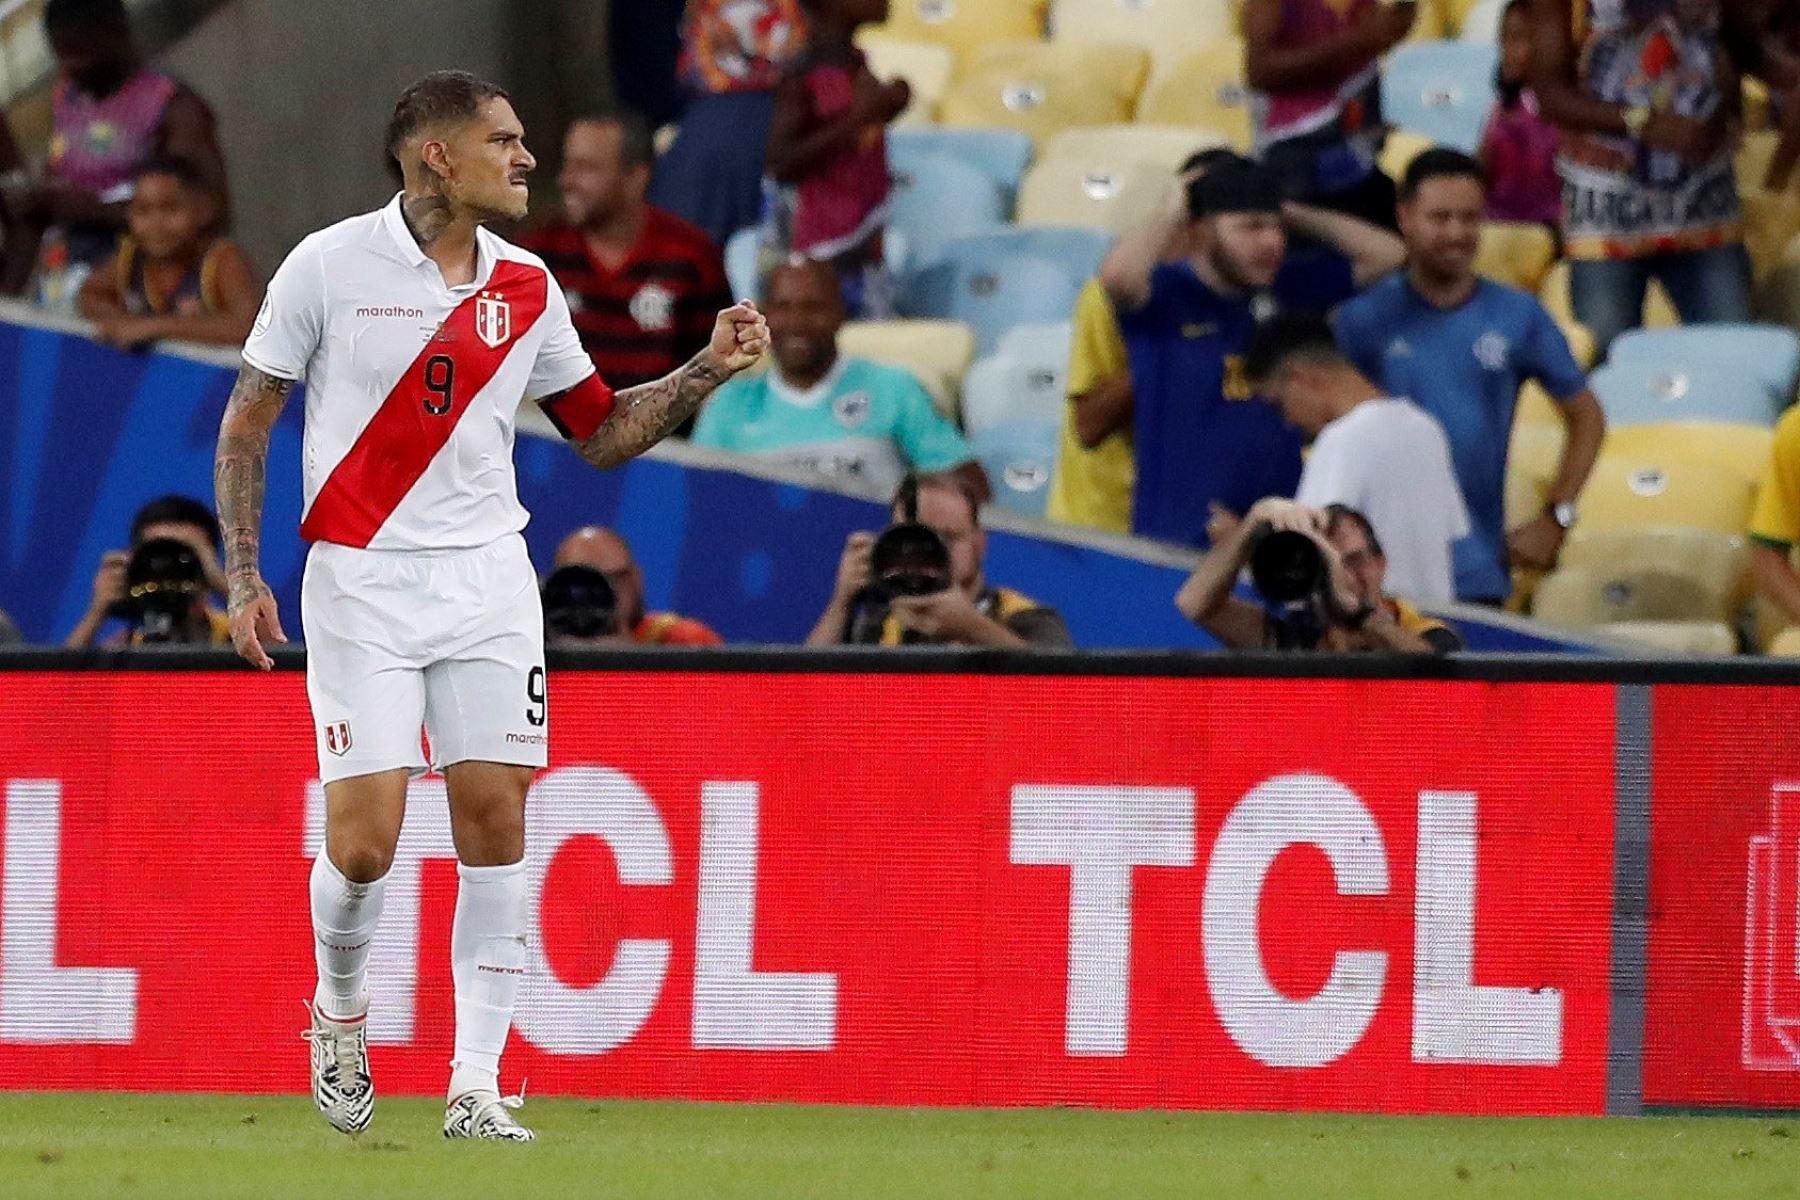 Paolo Guerrero de Perú durante el partido Bolivia-Perú del Grupo A de la Copa América de Fútbol 2019. Foto: EFE